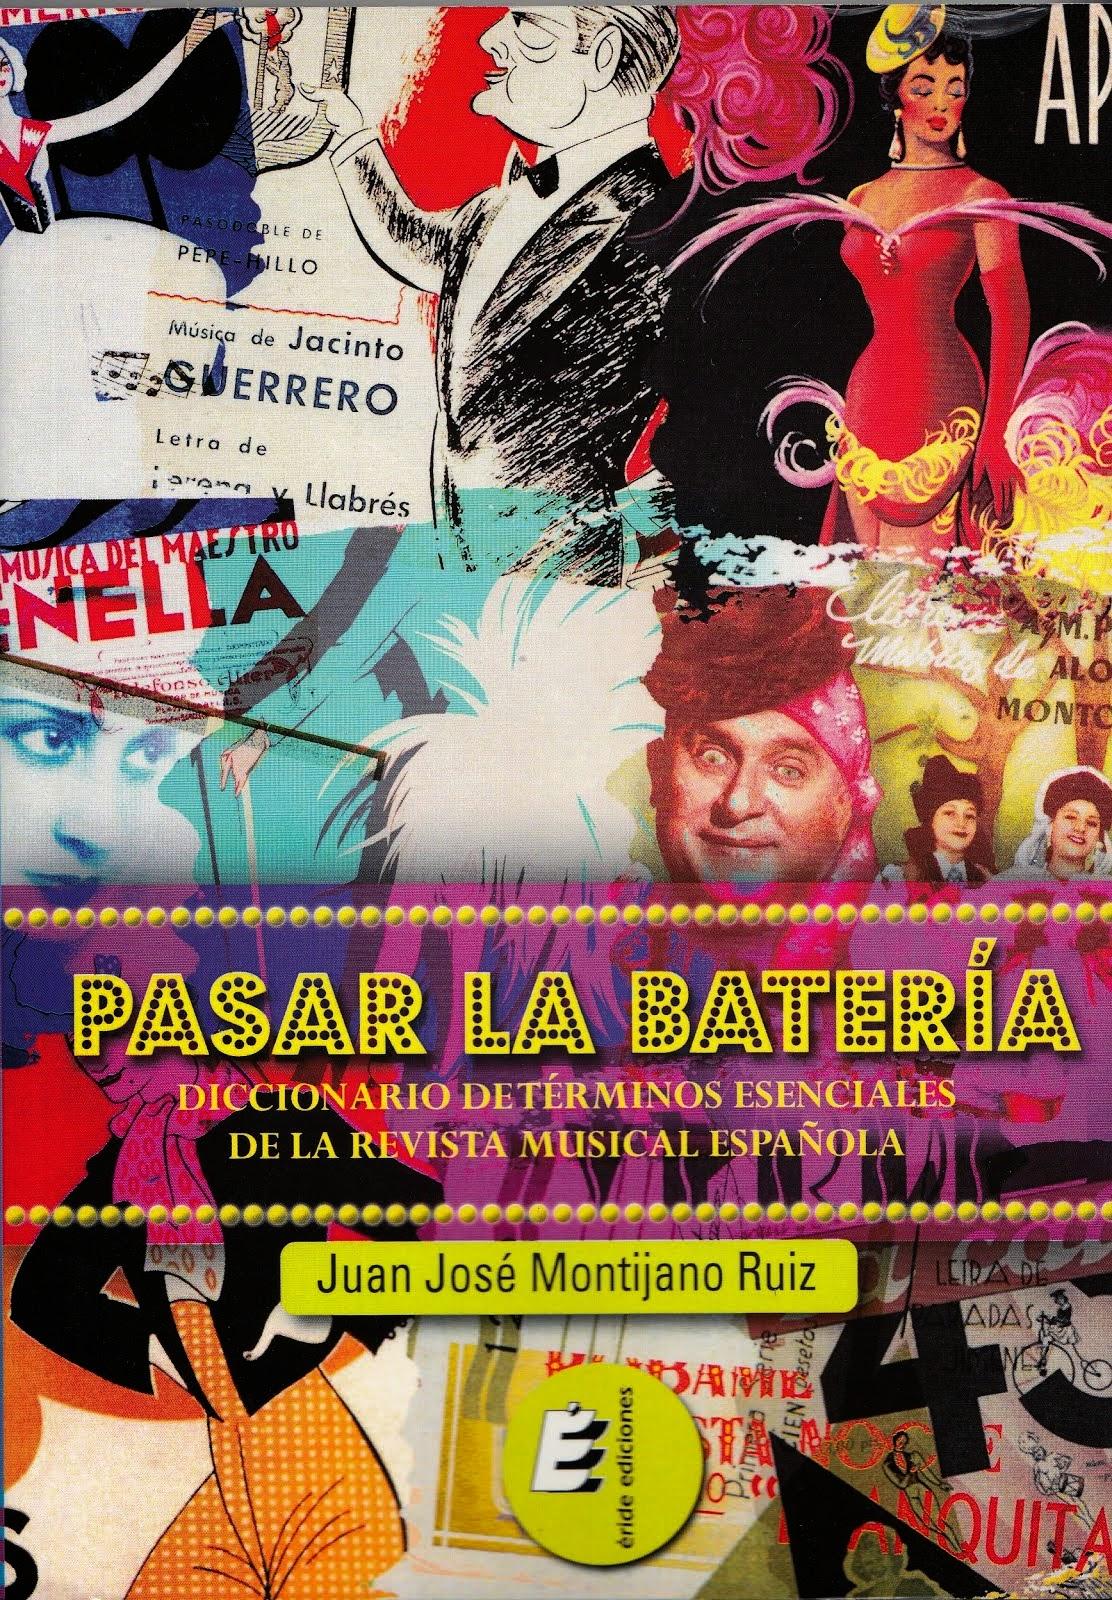 """""""Pasar revista"""". Diccionario de términos esenciales de la Revista musical española."""